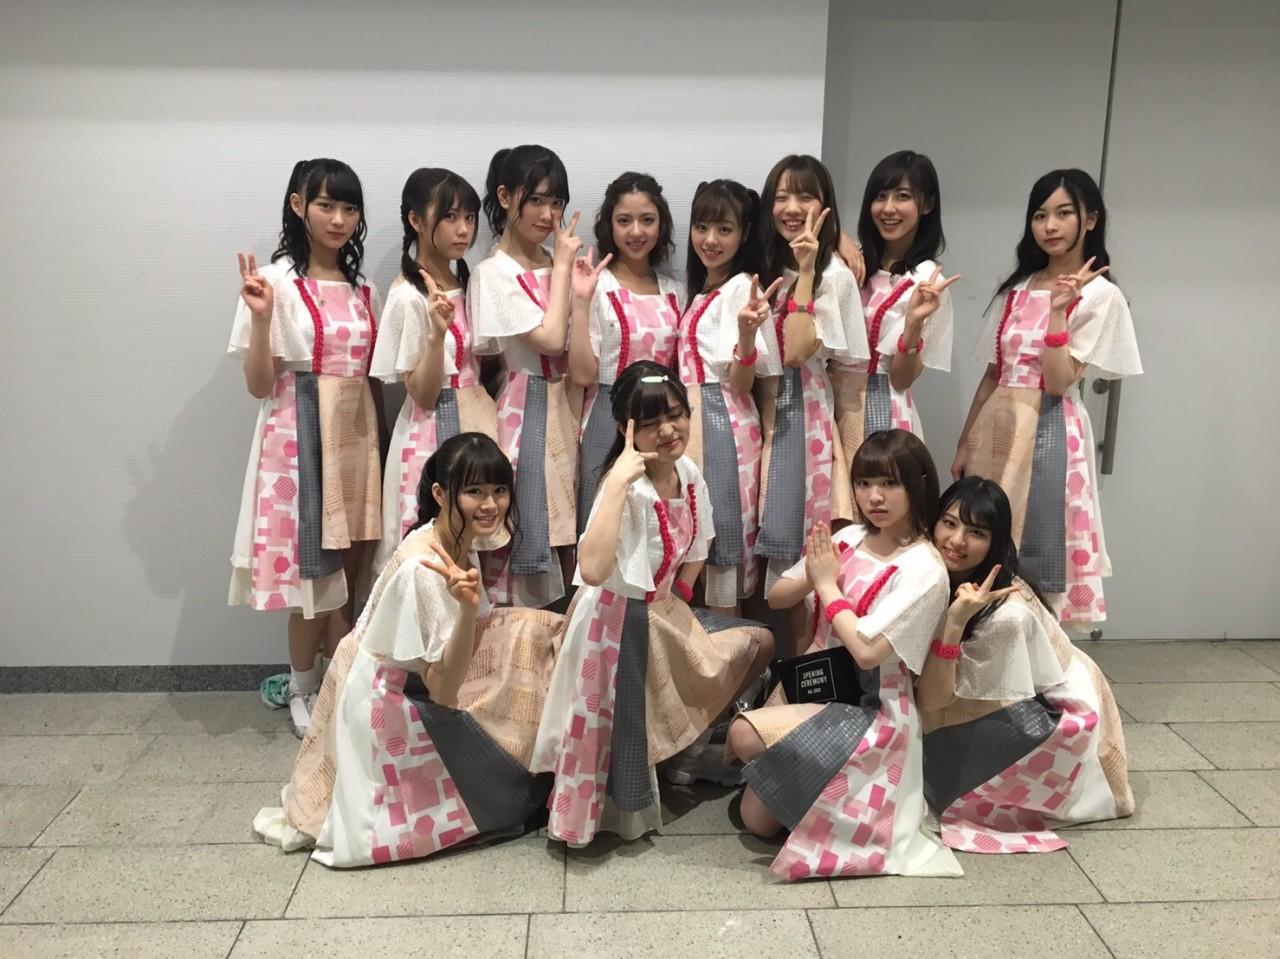 【乃木坂46】「アンダーライブ東京公演」終了 集合写真を公開!!